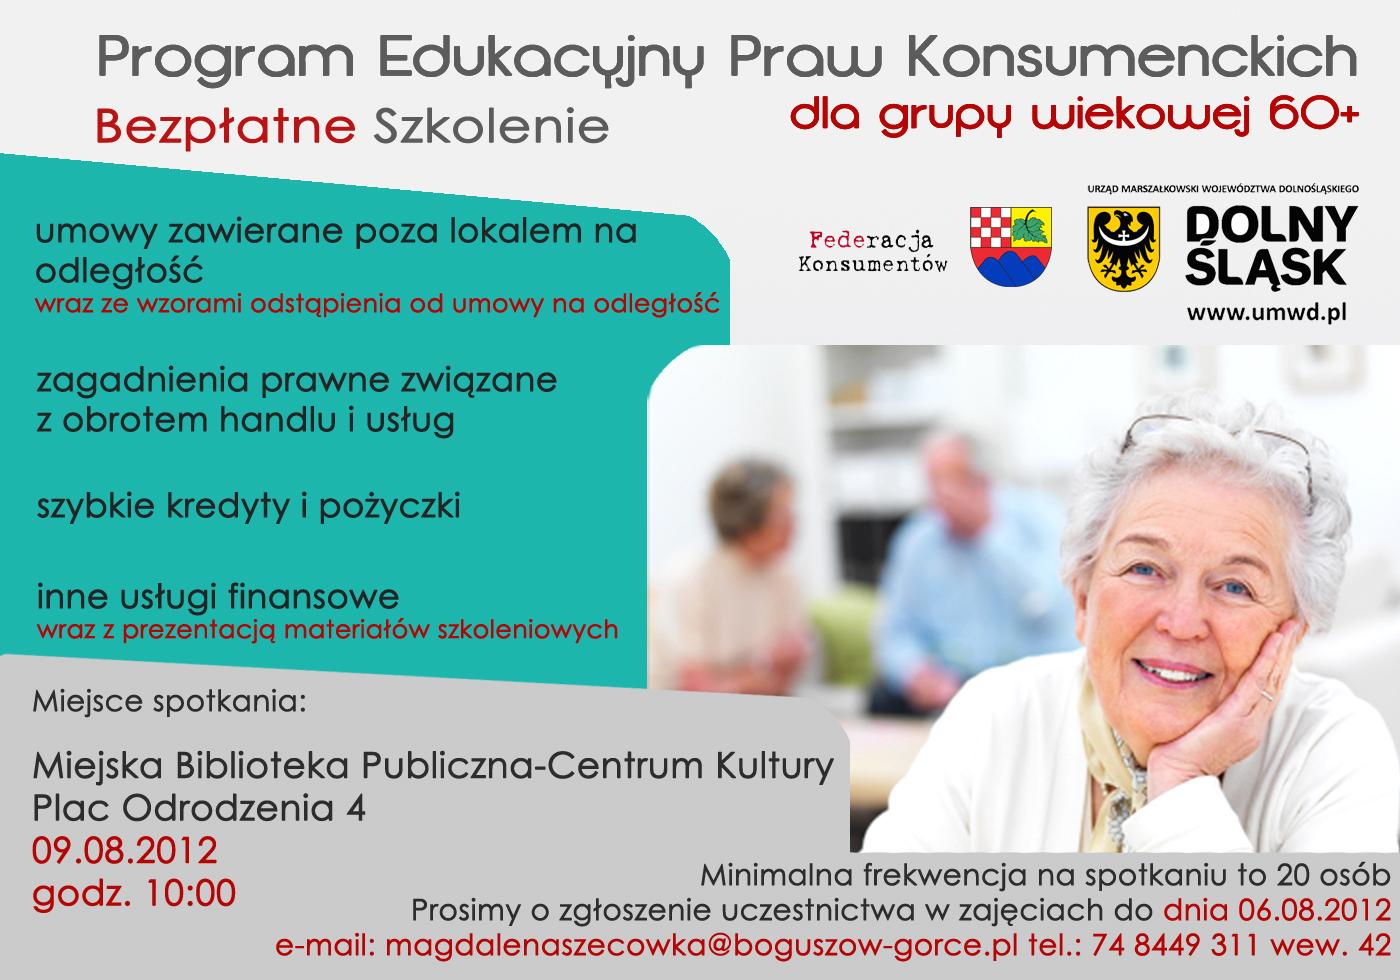 Program Edukacyjny Praw Konsumenckich